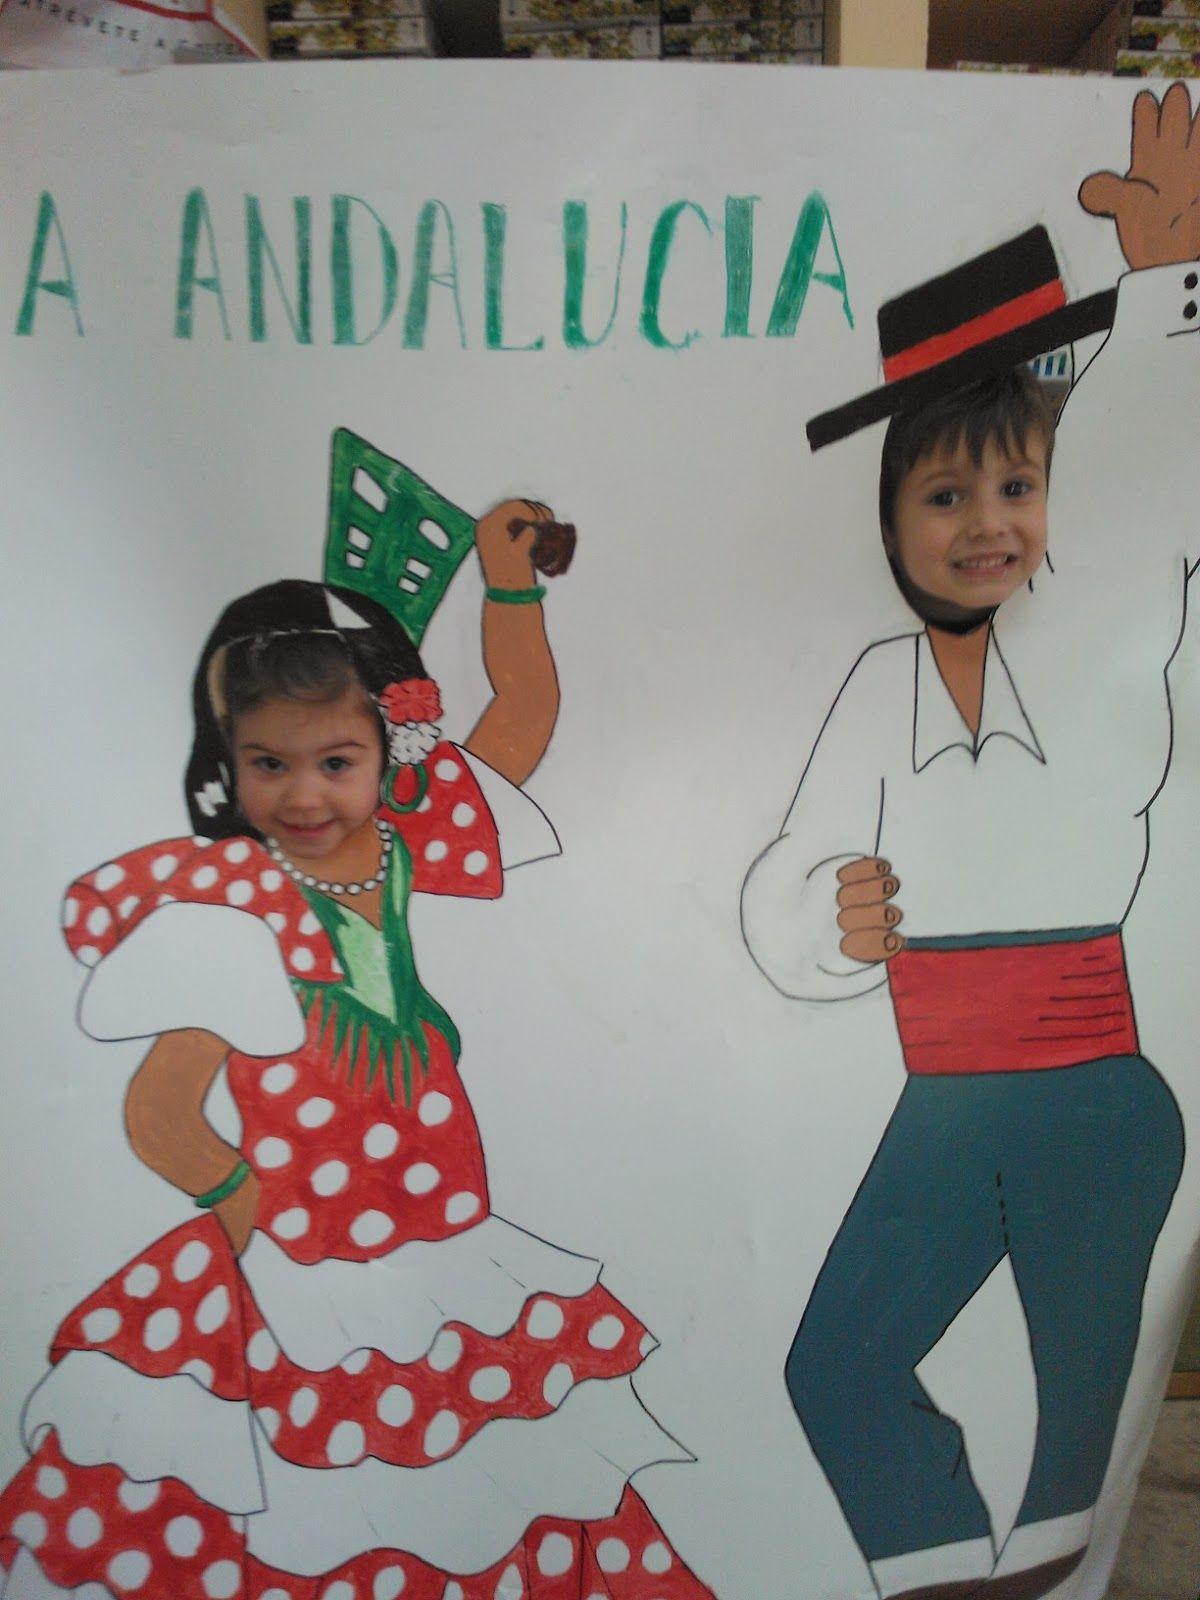 14 Ideas De Andalucía Andalucía Dia De Andalucia Bandera De Andalucia